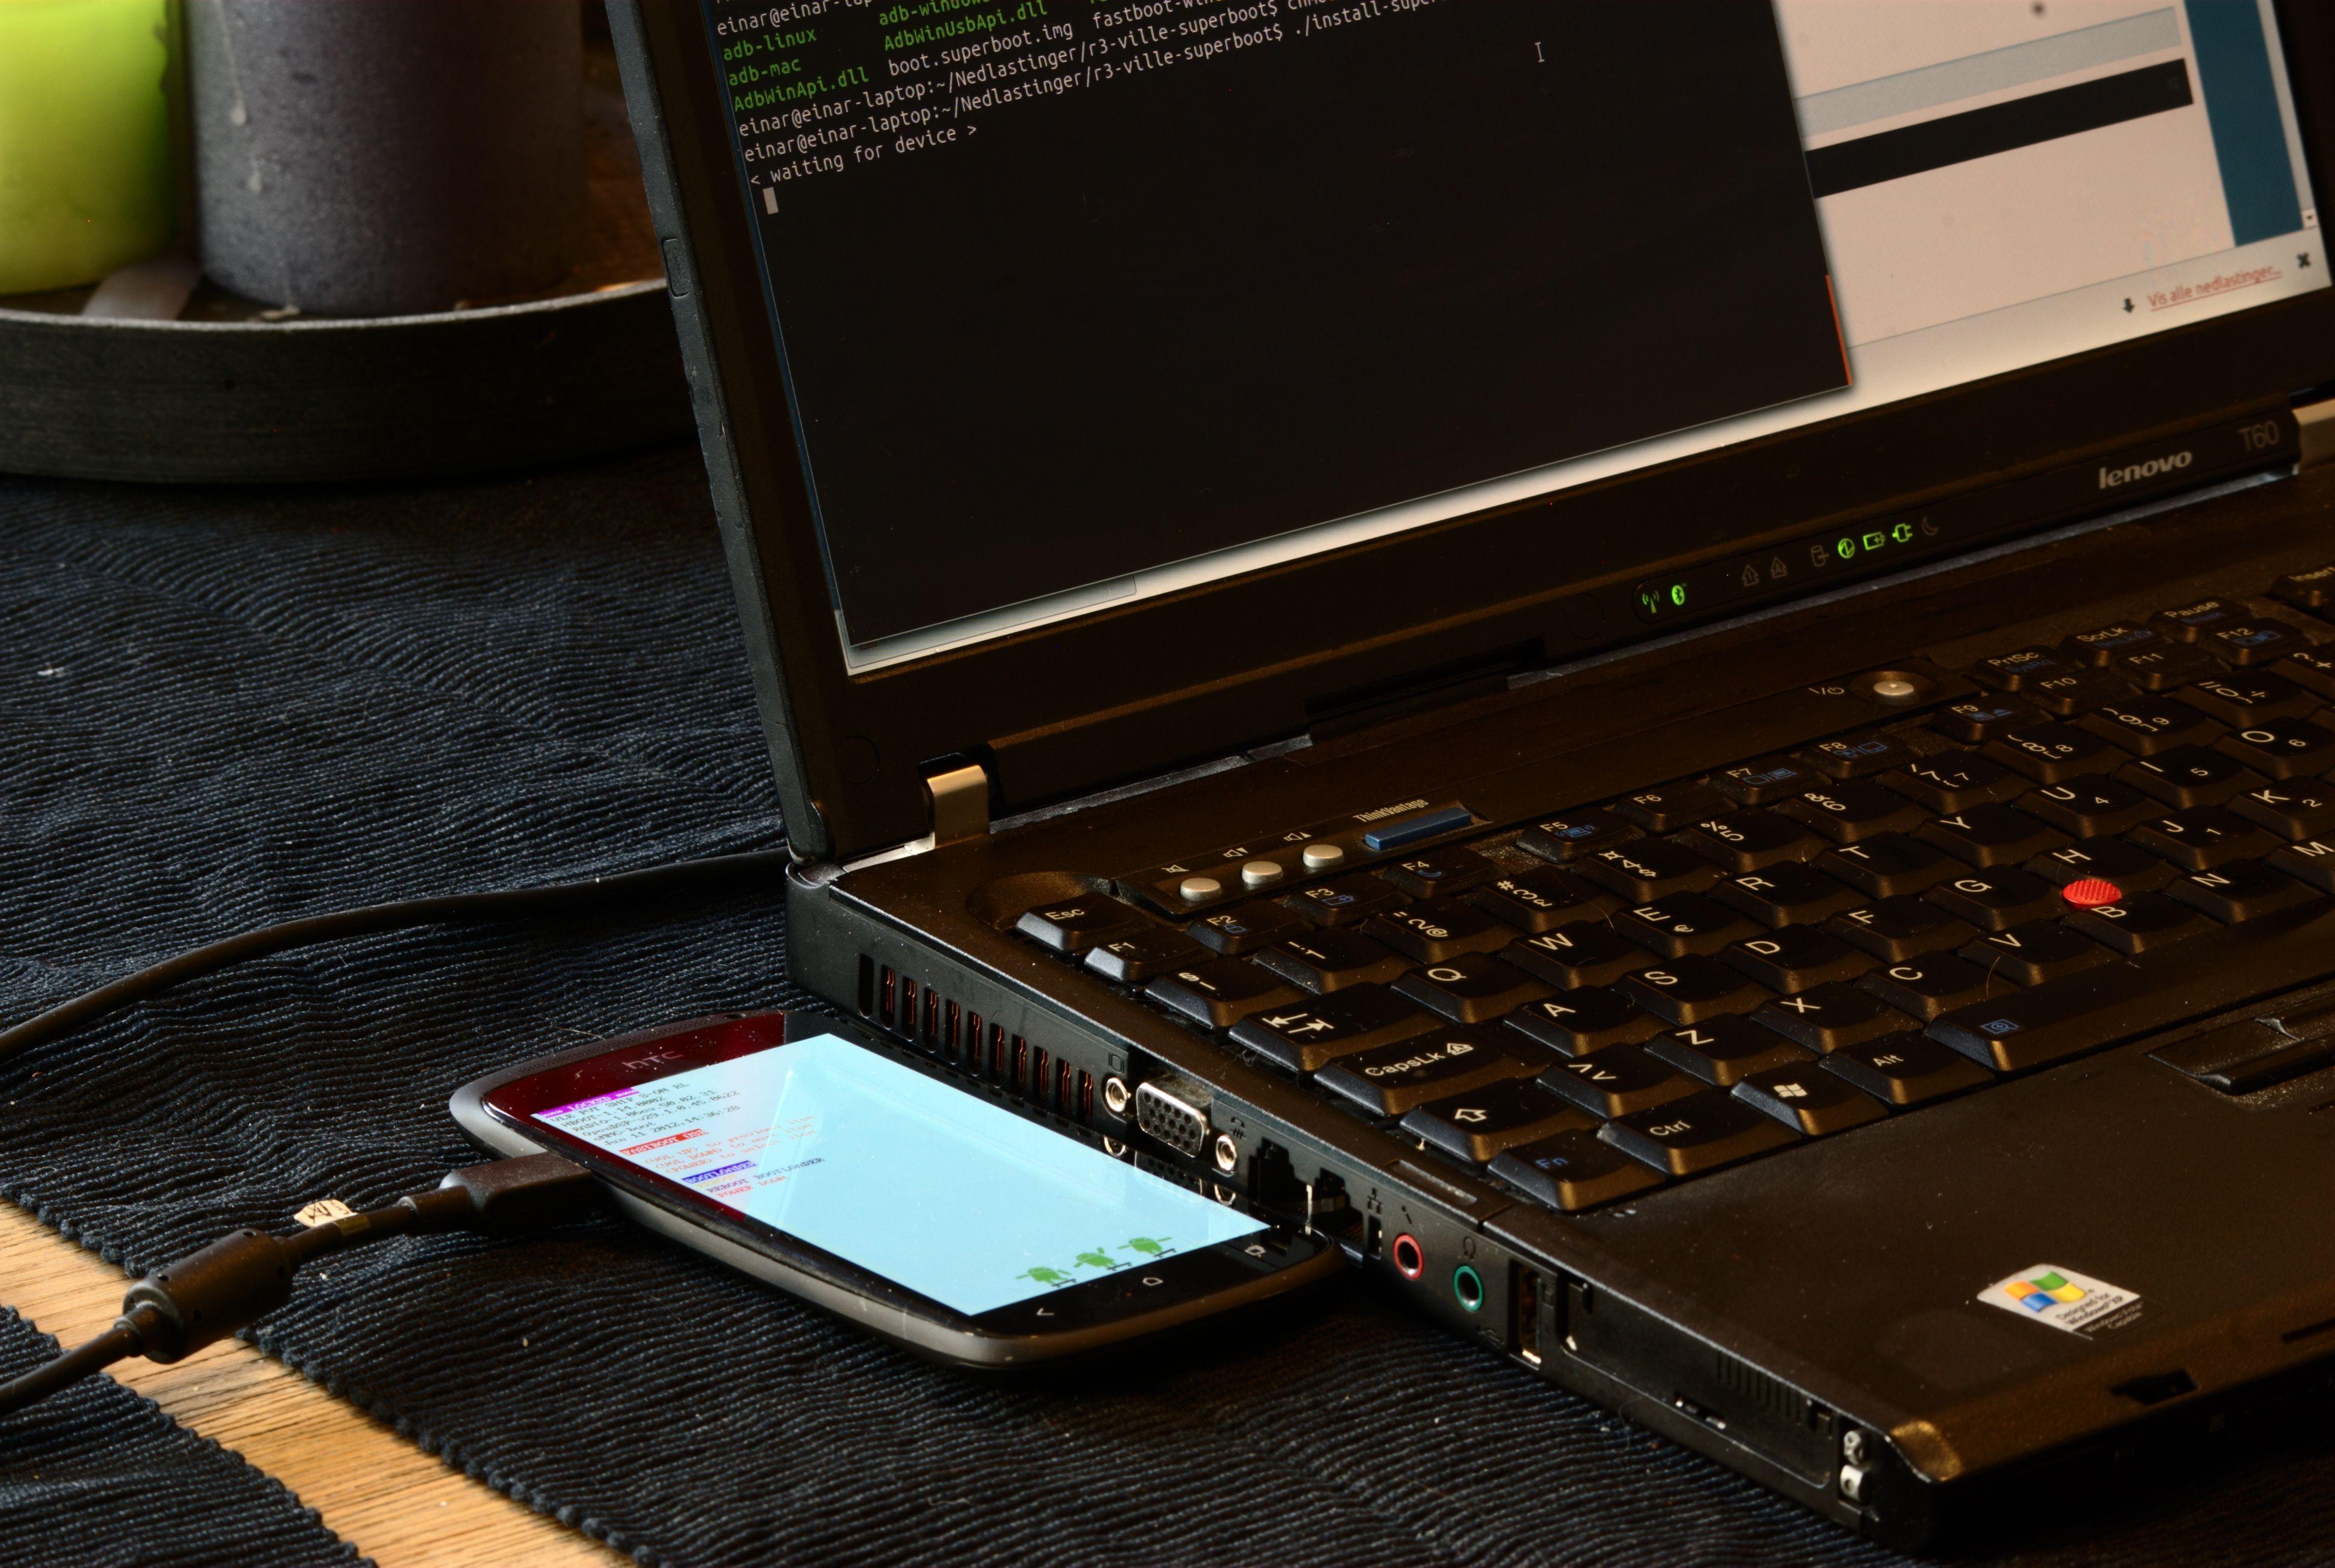 Det kan være lurt å bruke ADT (Android Development Tools) som er en del av Android SDK (Software Development Kit) for å fortelle mobilen hva den skal gjøre via en datamaskin. Foto: Einar Eriksen